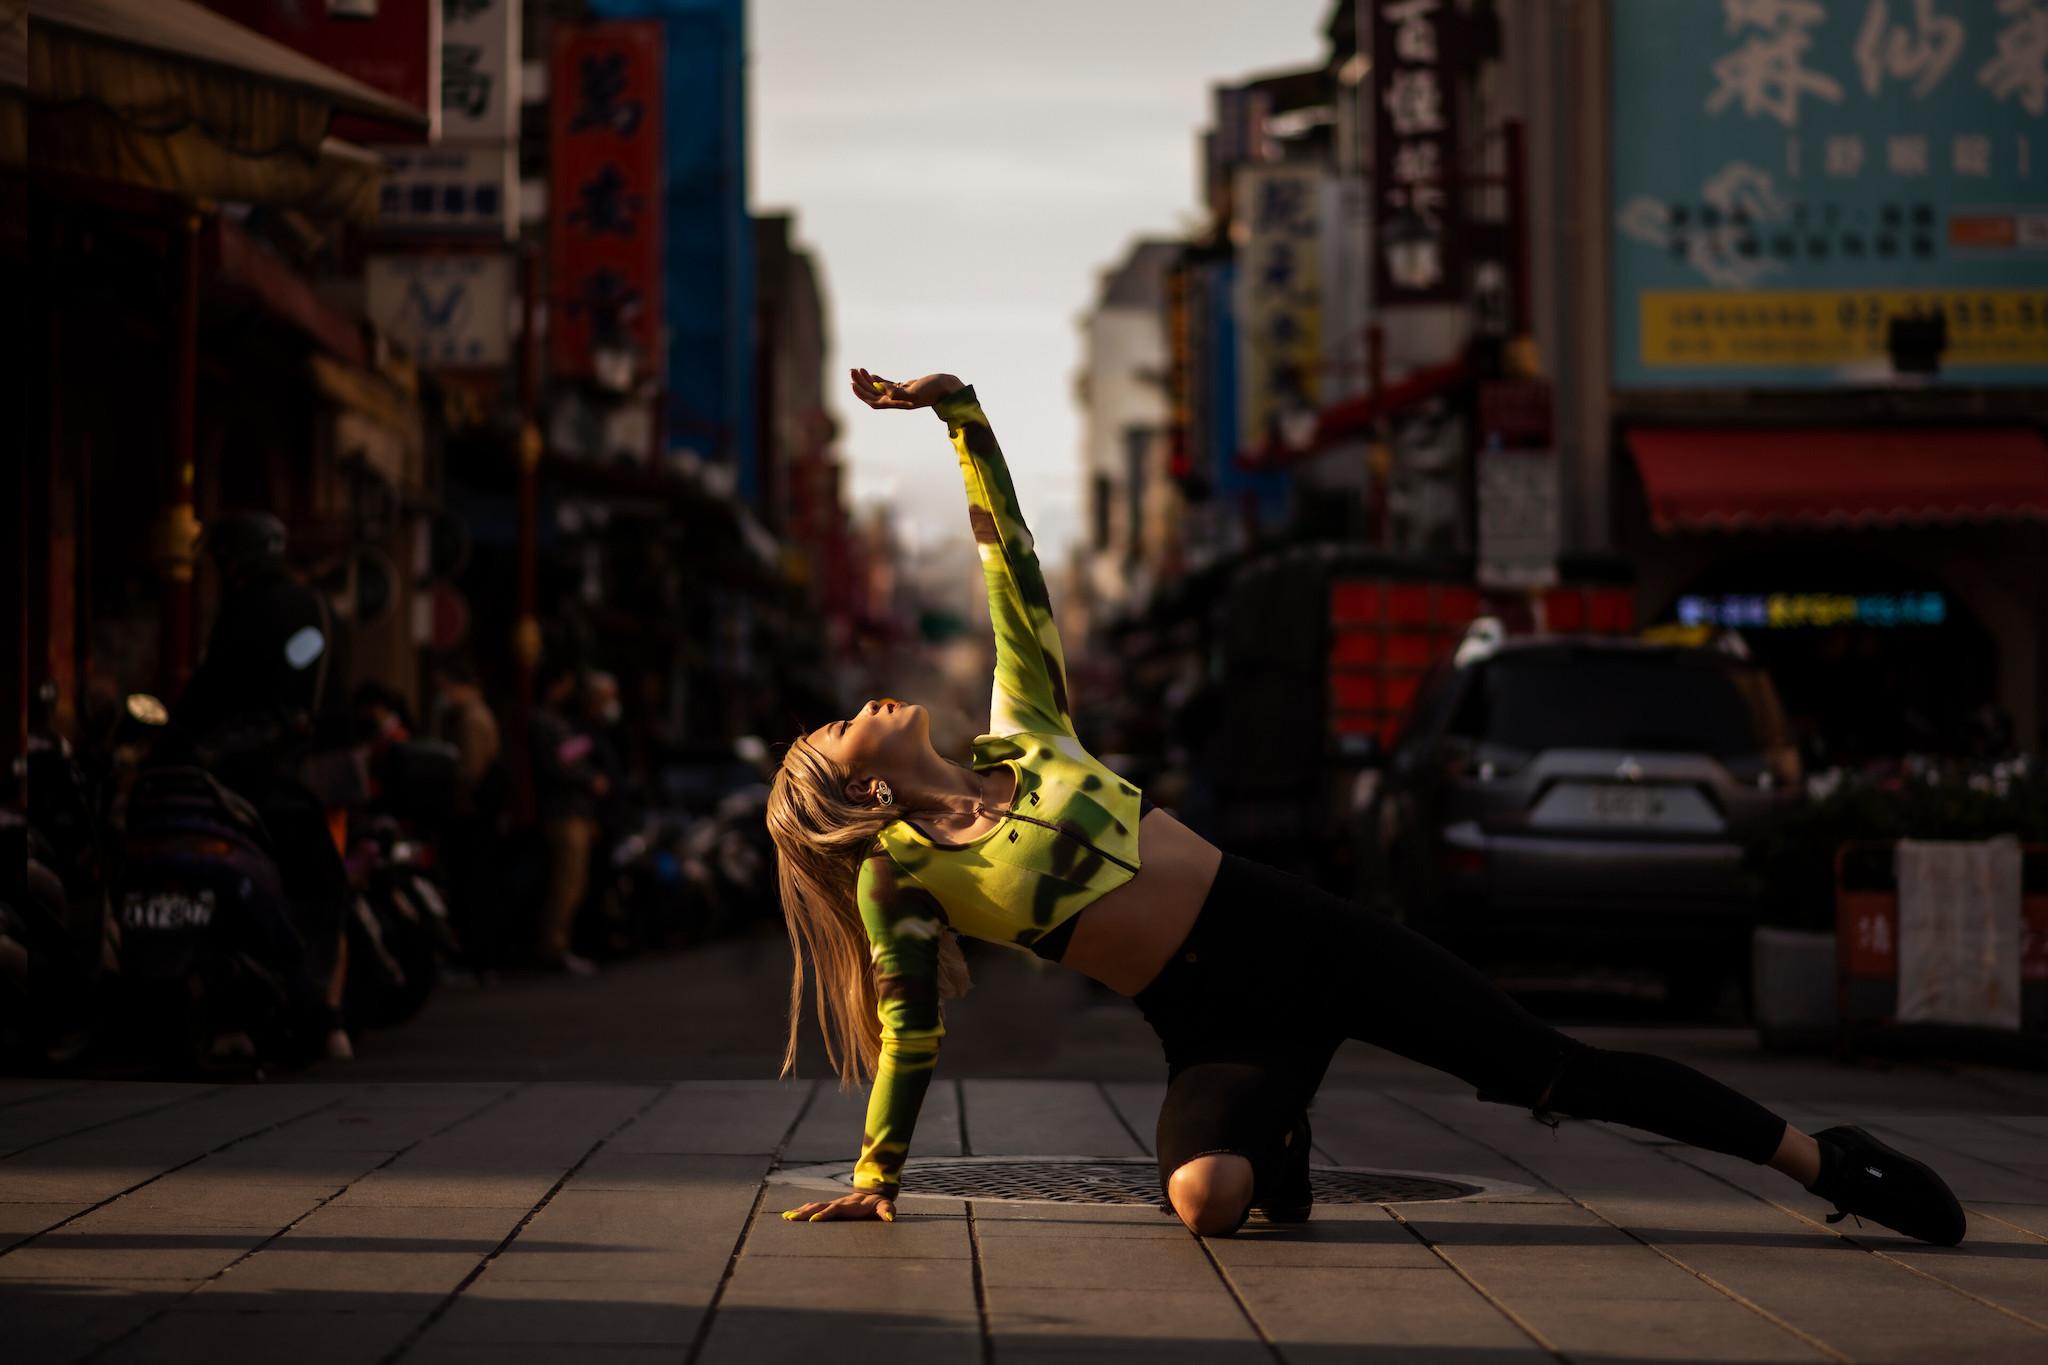 知名舞者囂張和哈妹讓世界看到台灣之美。